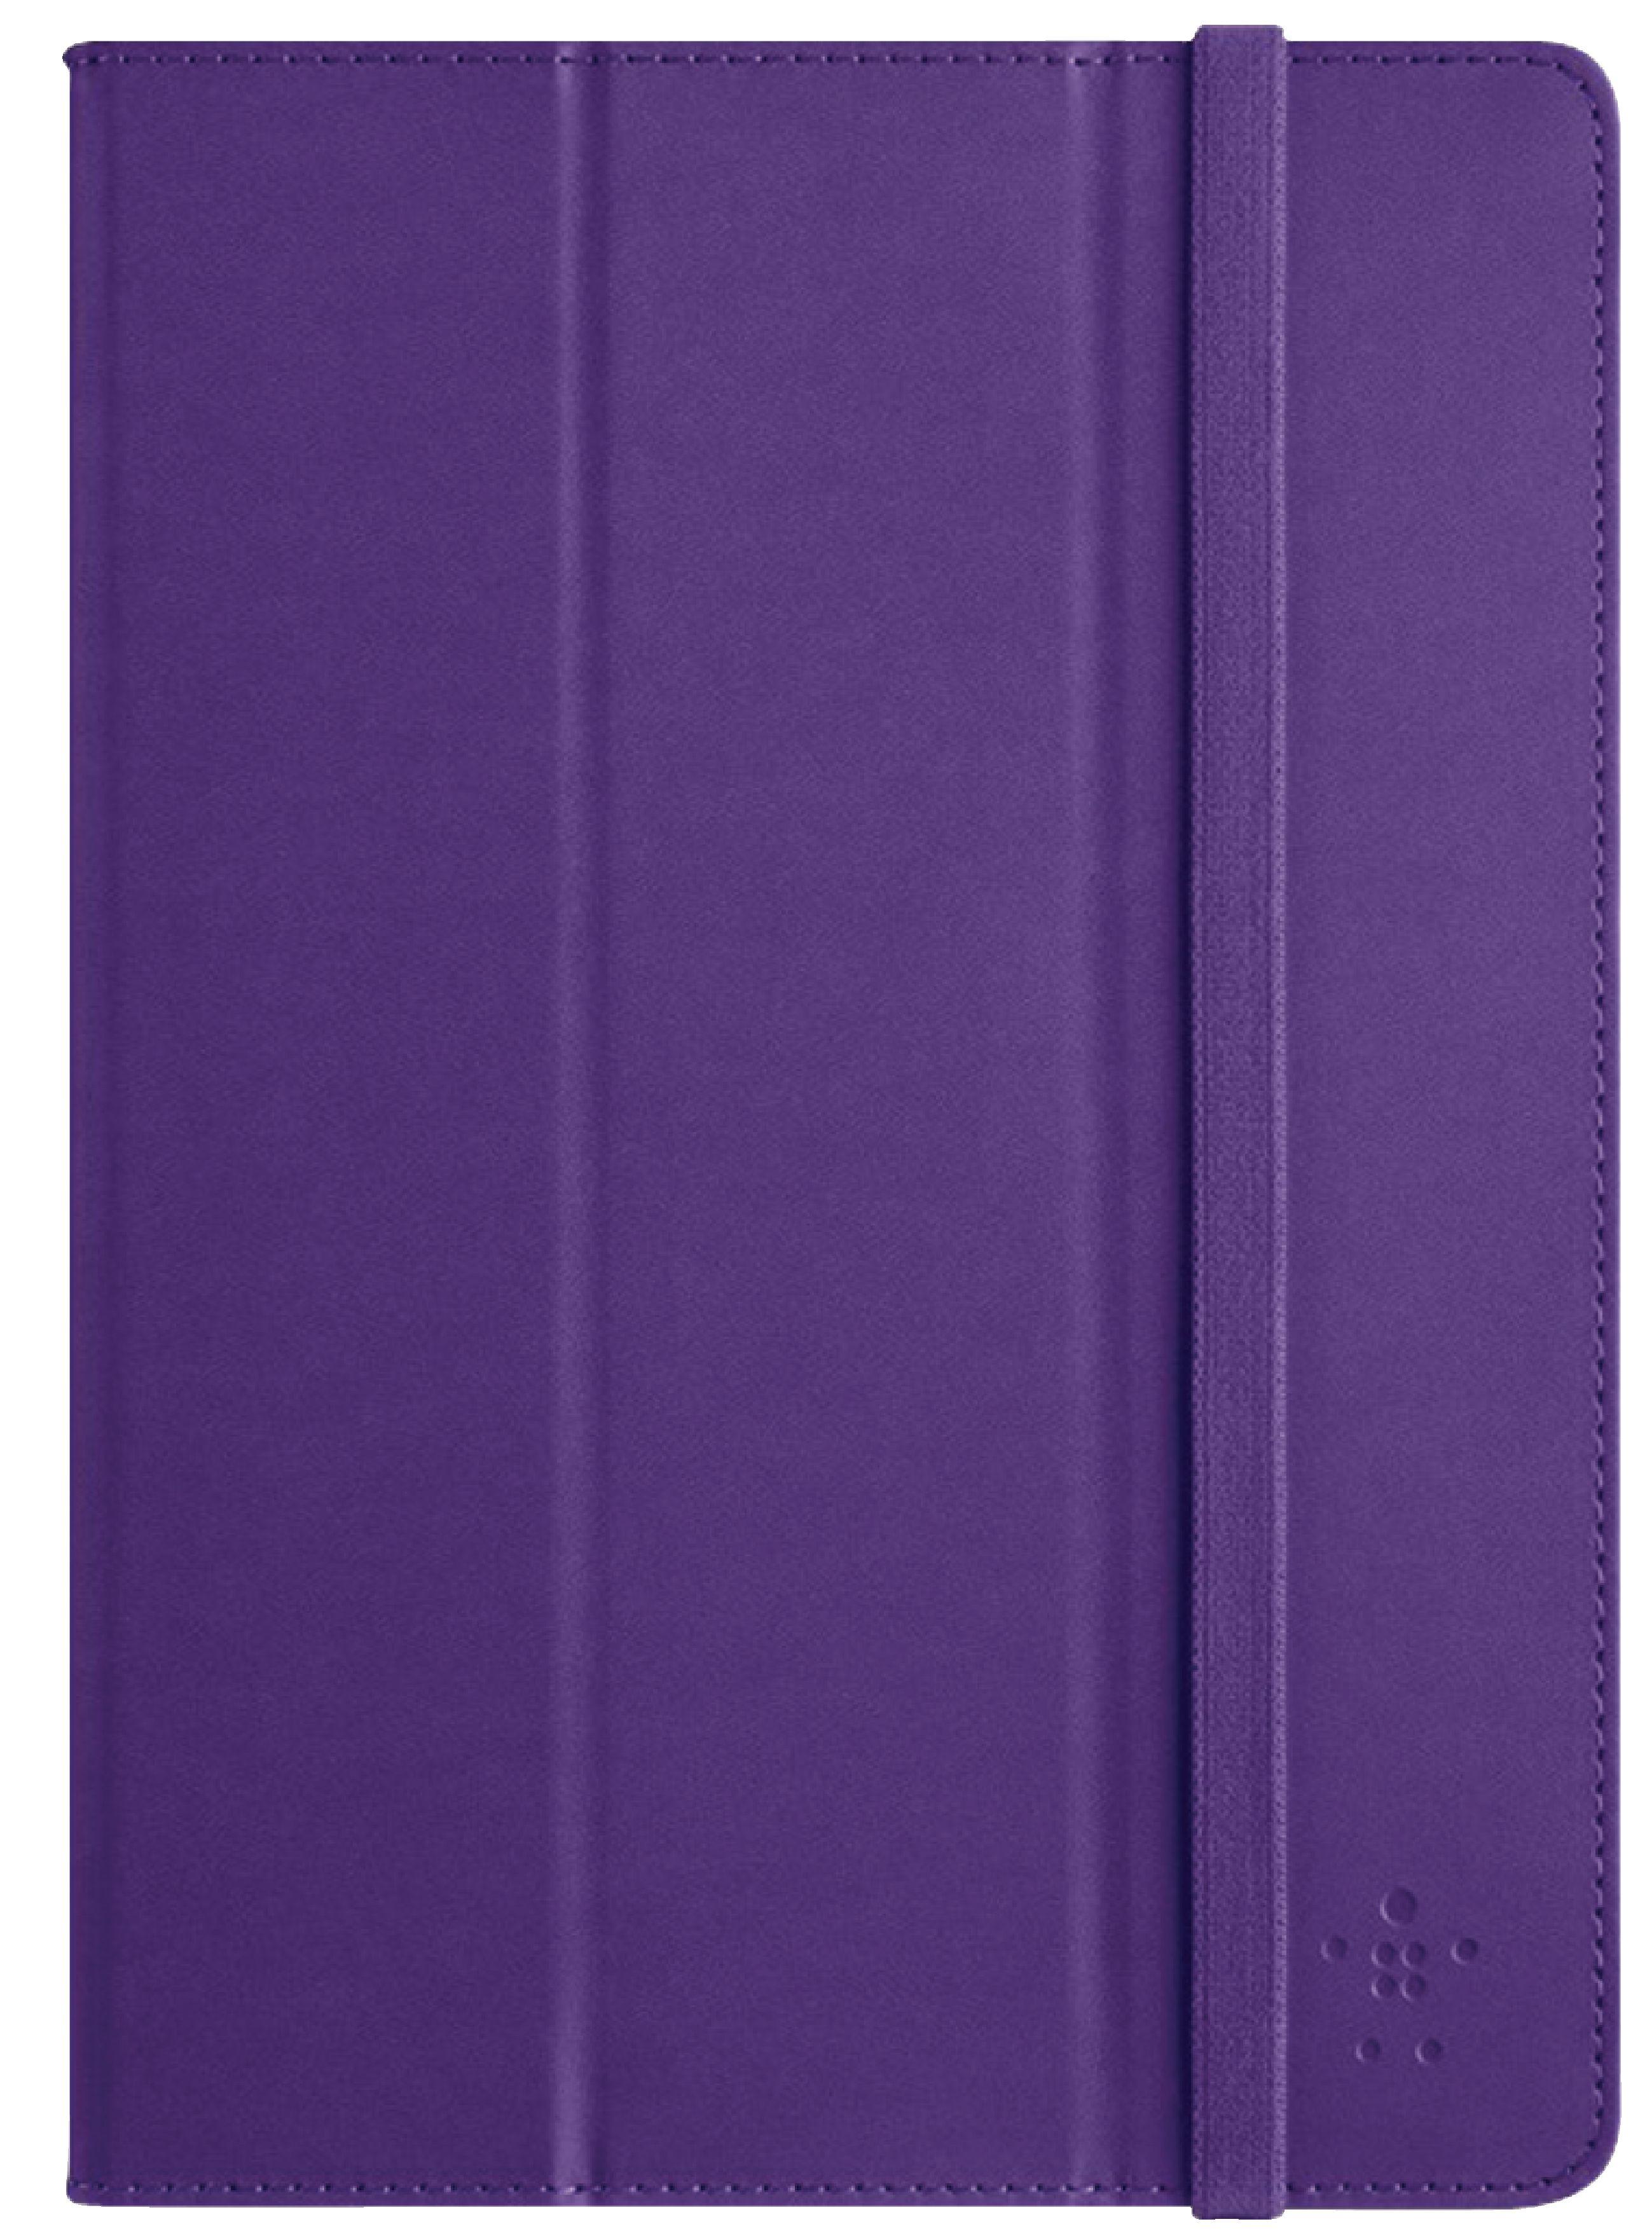 Billede af Tablet Folie Samsung Galaxy Note 8 Violet